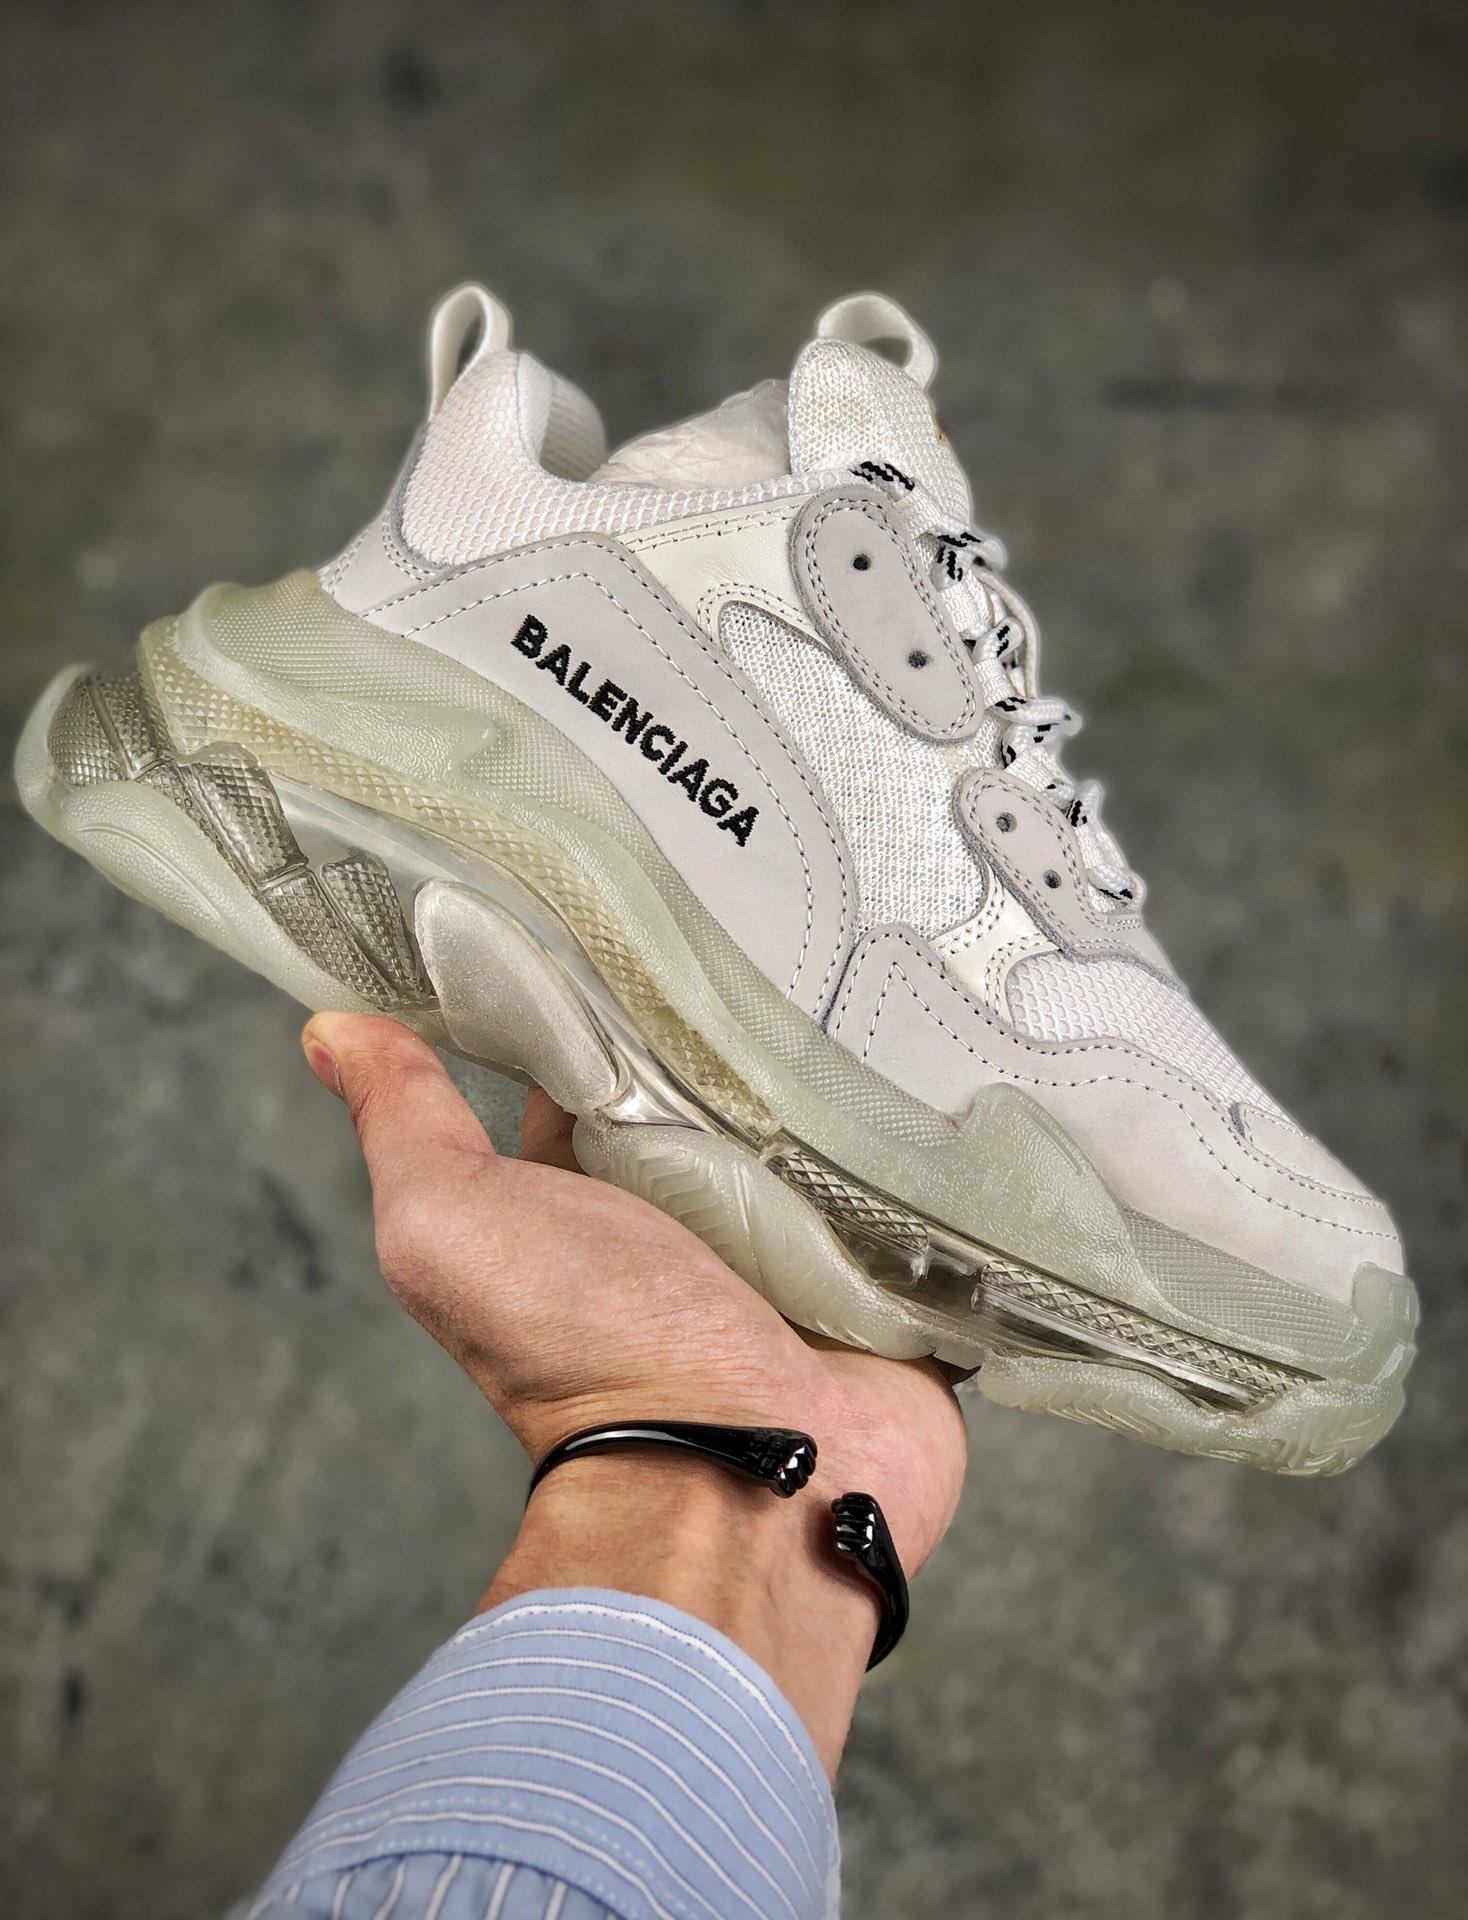 バレンシアガ 靴 カップル ブランドコピー 安全なところ